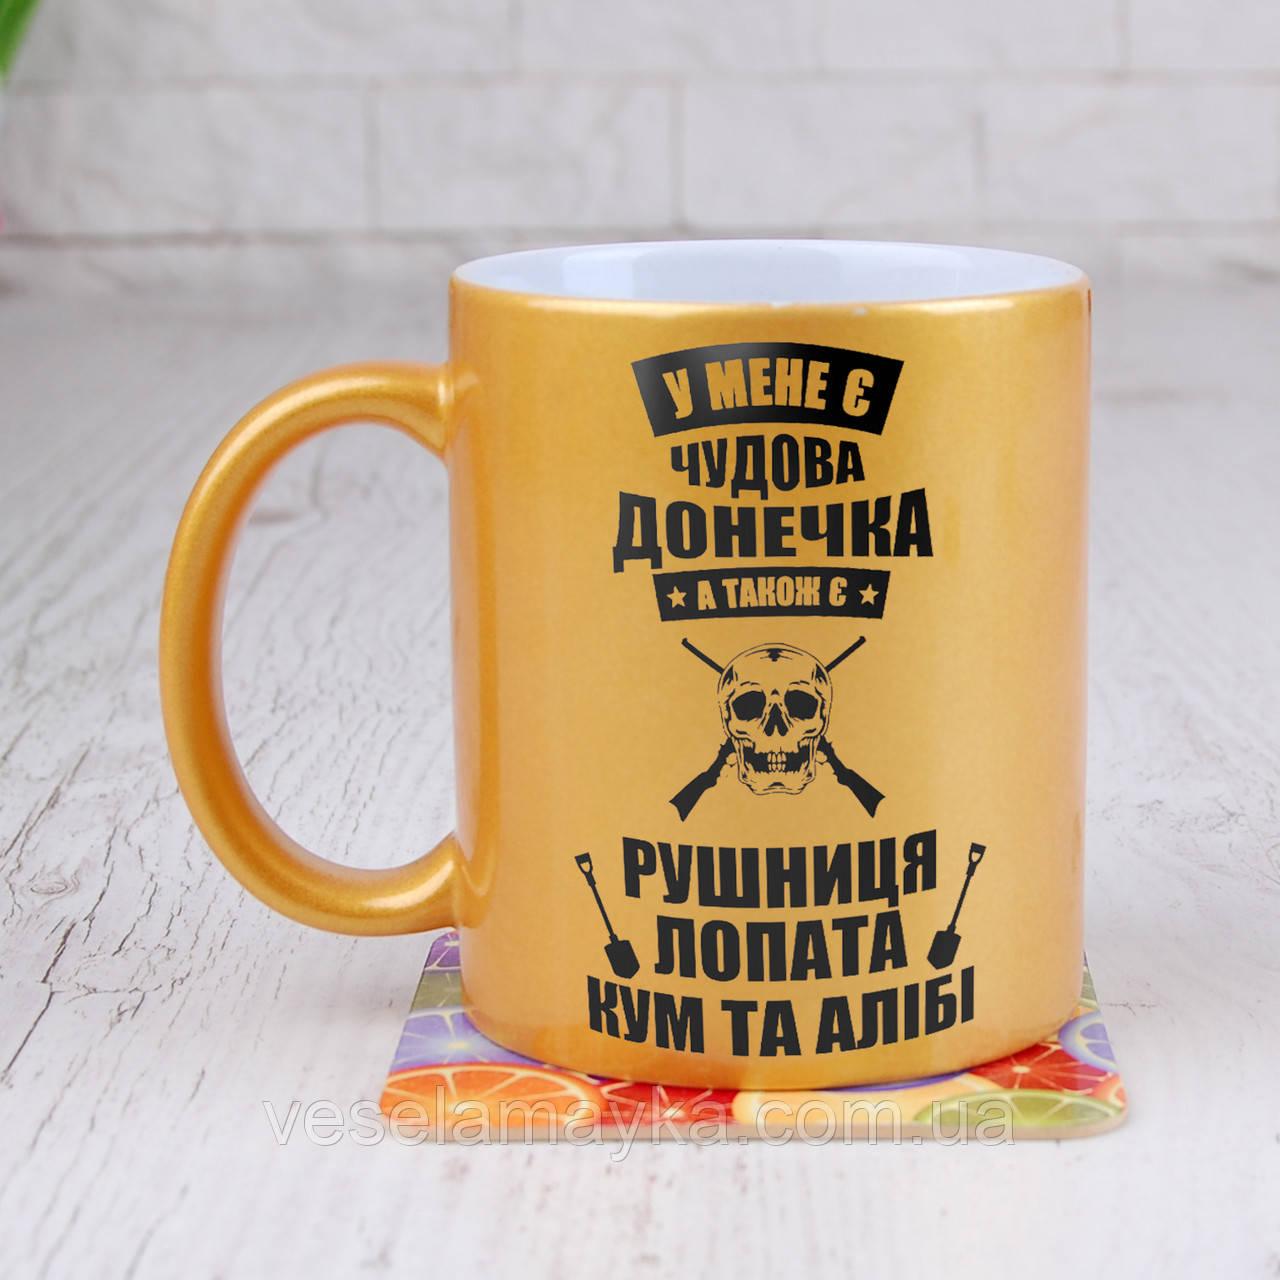 """Золотая чашка """"У мене є чудова донечка"""""""